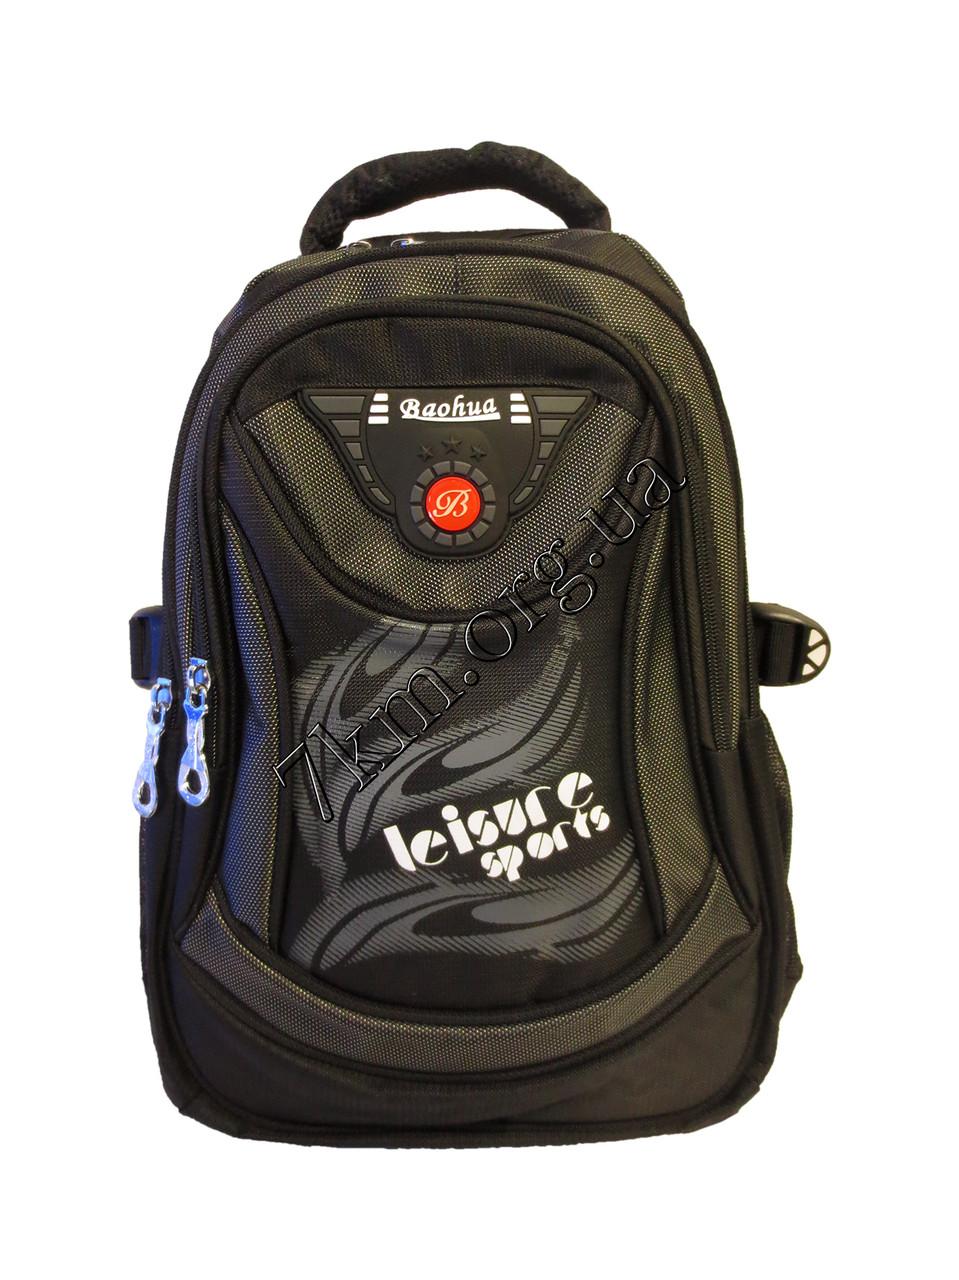 Школьный рюкзак для мальчиков Baohua CR BH 4142 (40х27см.)